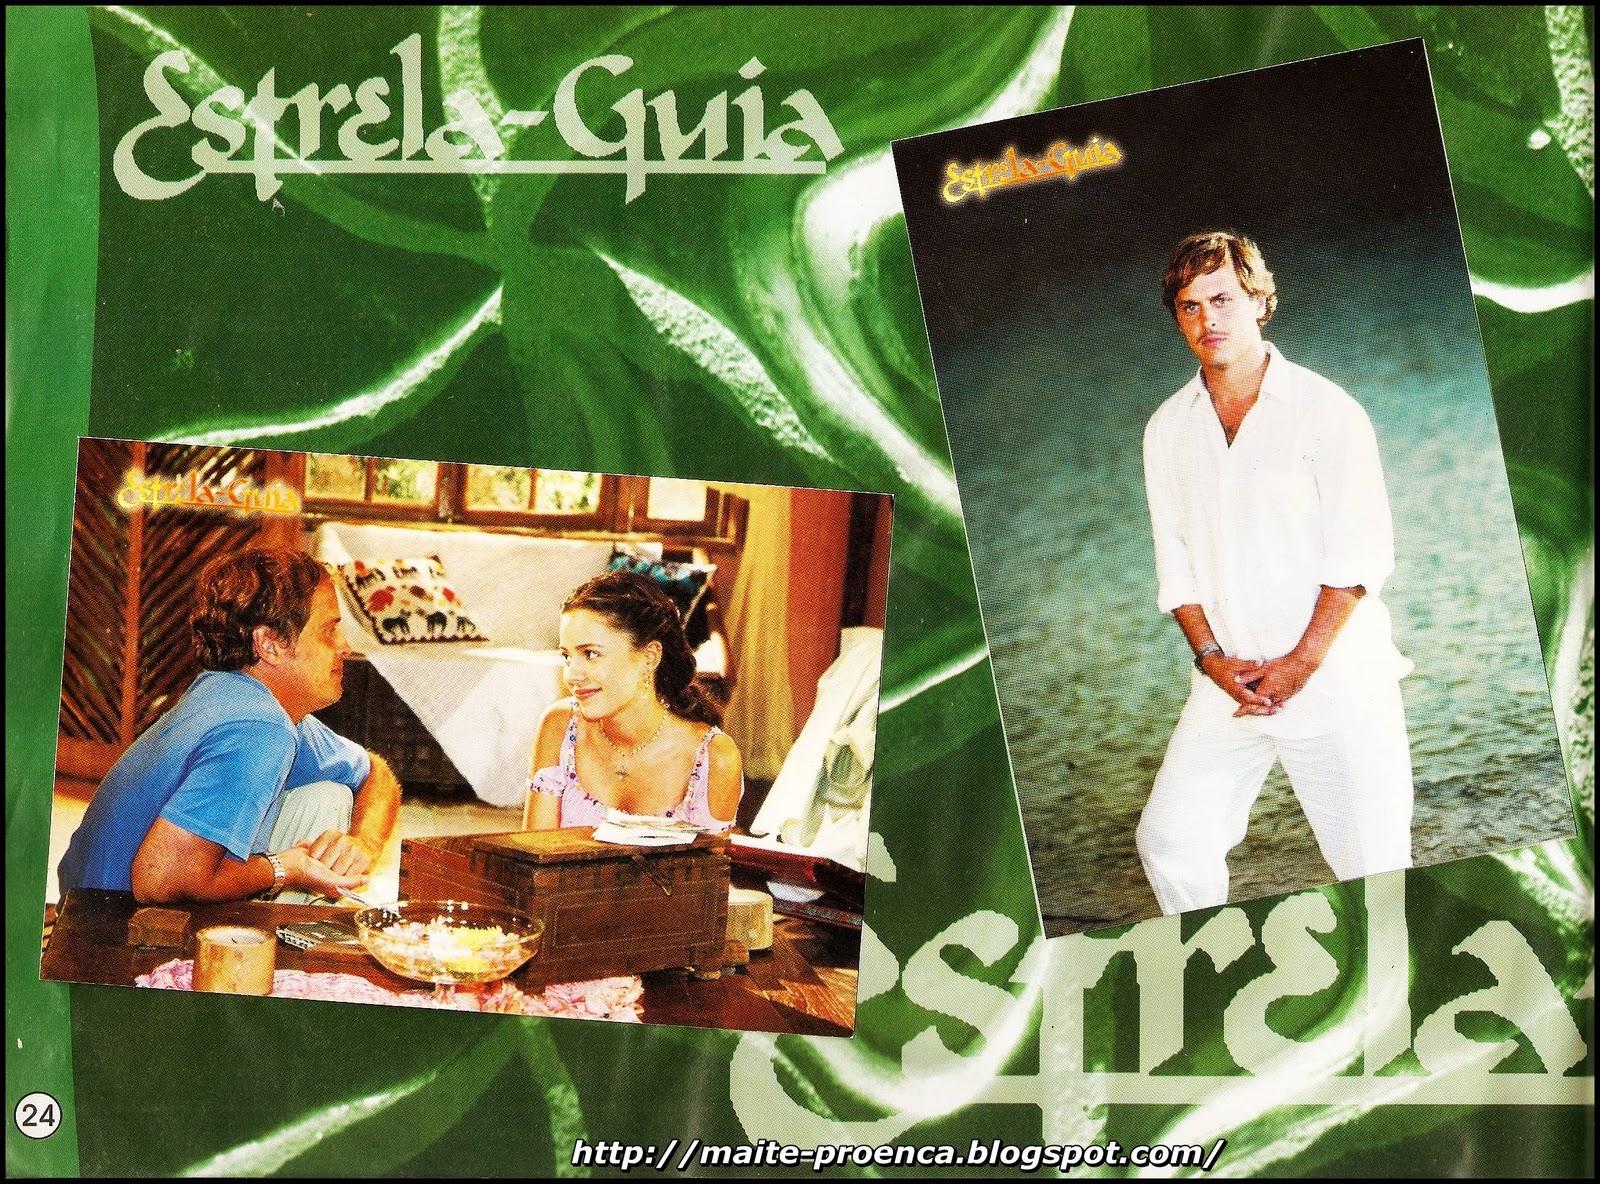 691+2001+Estrela+Guia+Album+(23).jpg